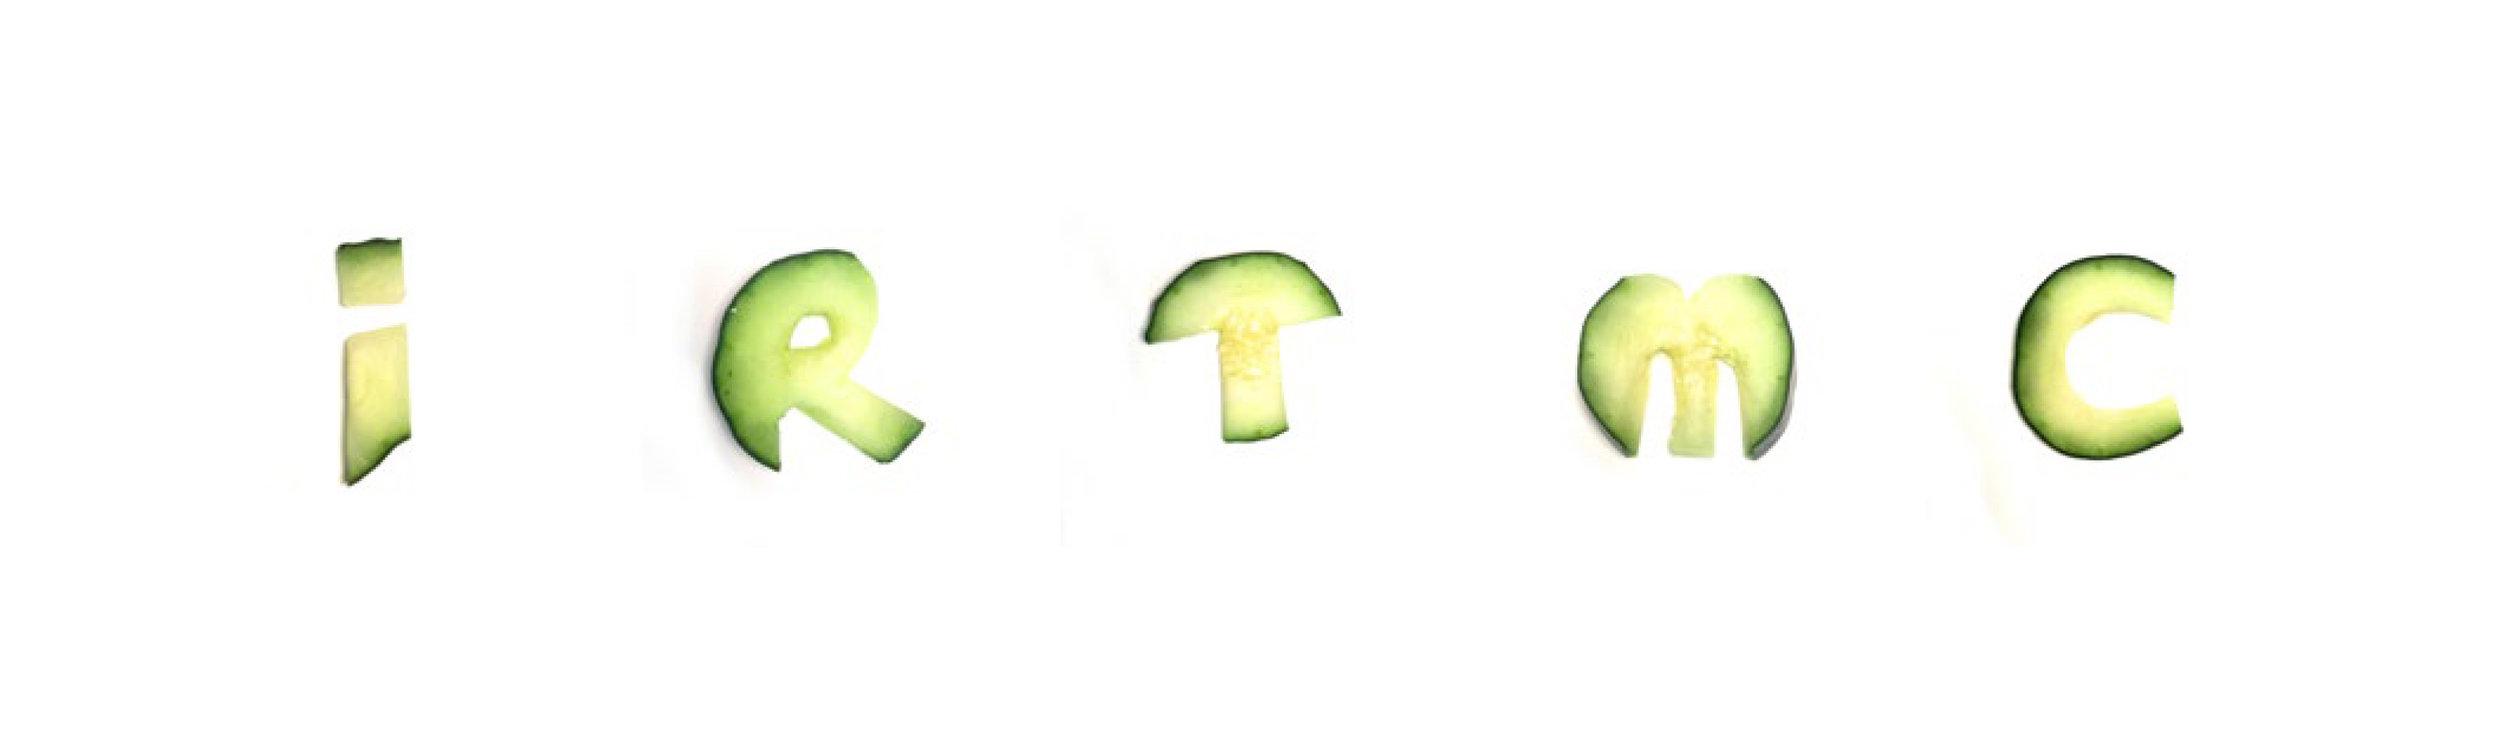 Letters_1.jpg